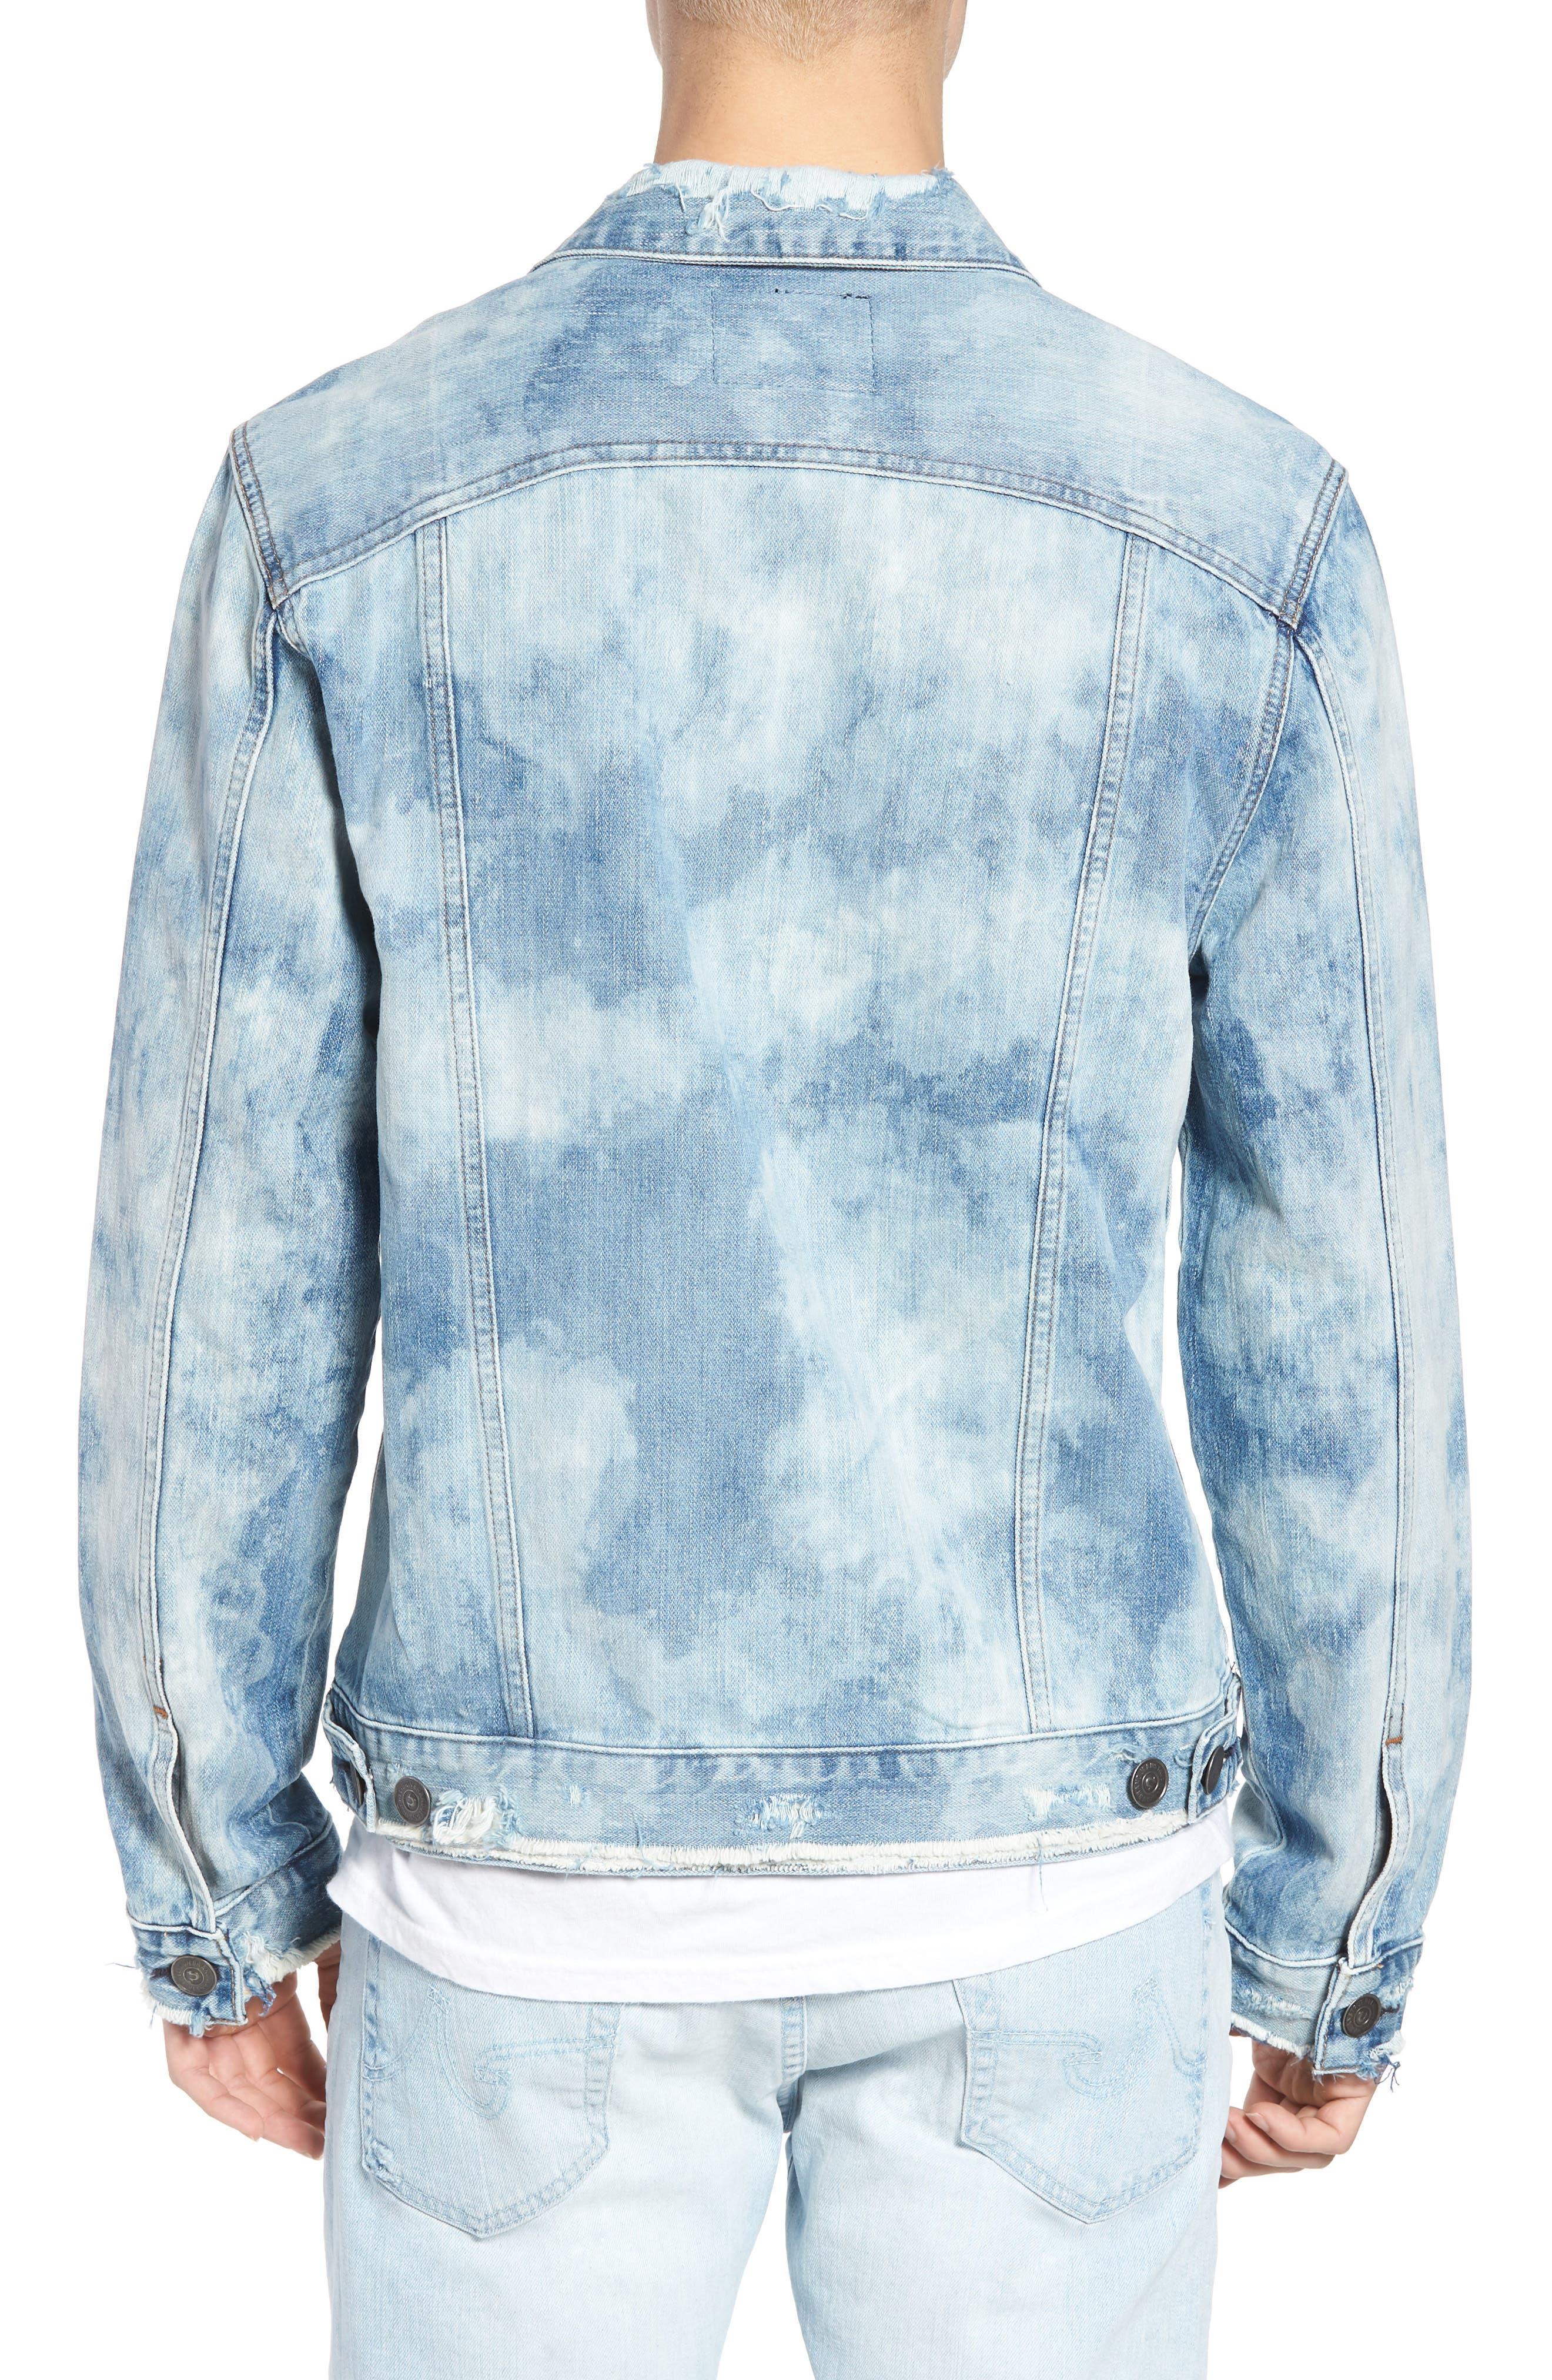 Dylan Denim Jacket,                             Alternate thumbnail 2, color,                             Blue